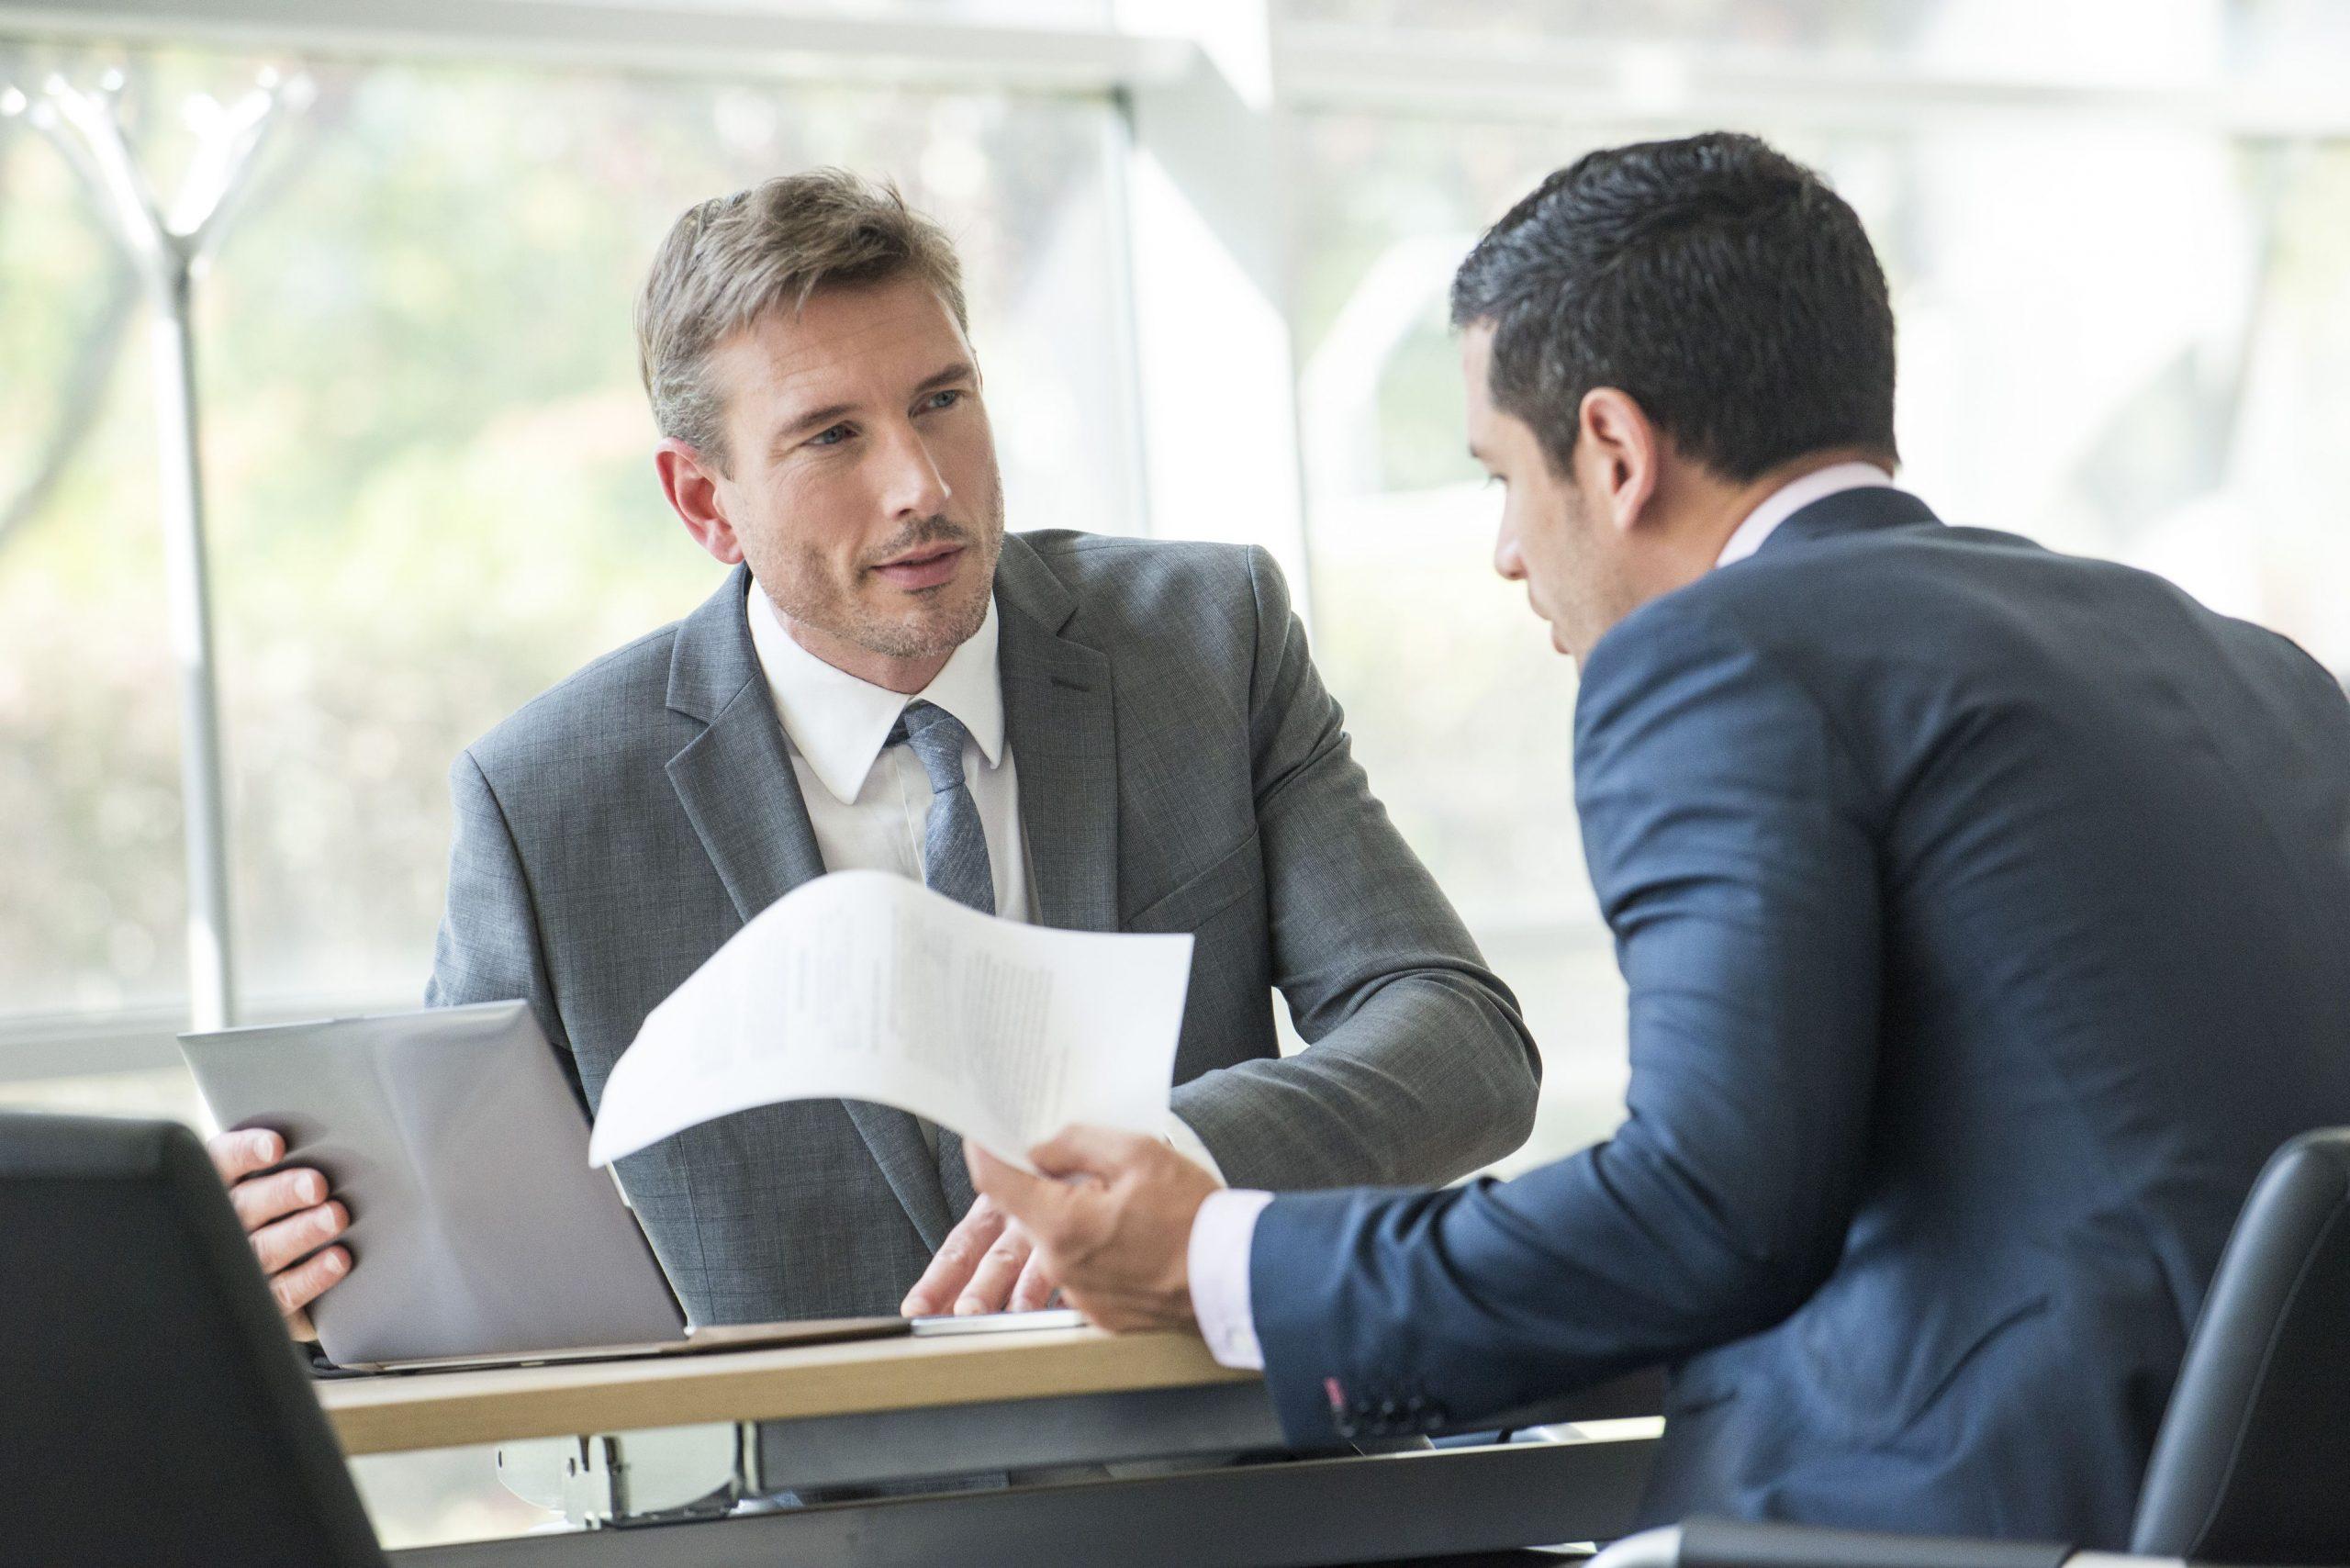 Training Leadership Managerial Quotient